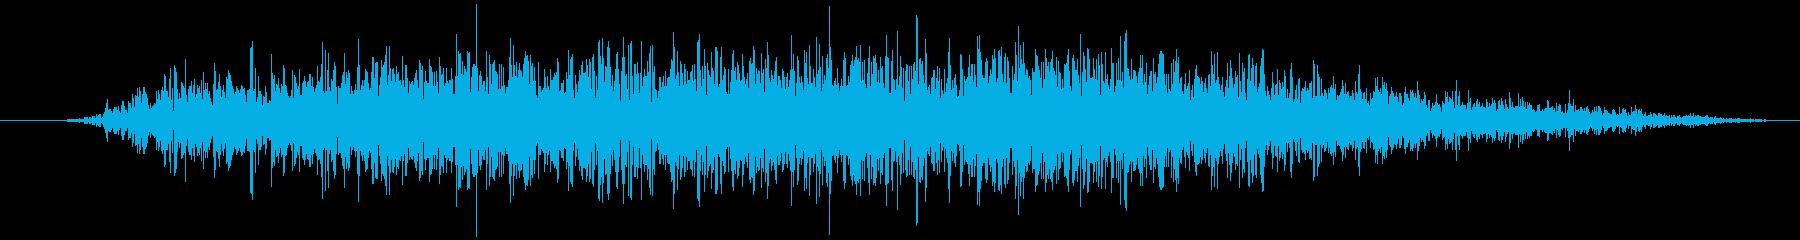 火炎放射器:ミディアムバースト、火...の再生済みの波形